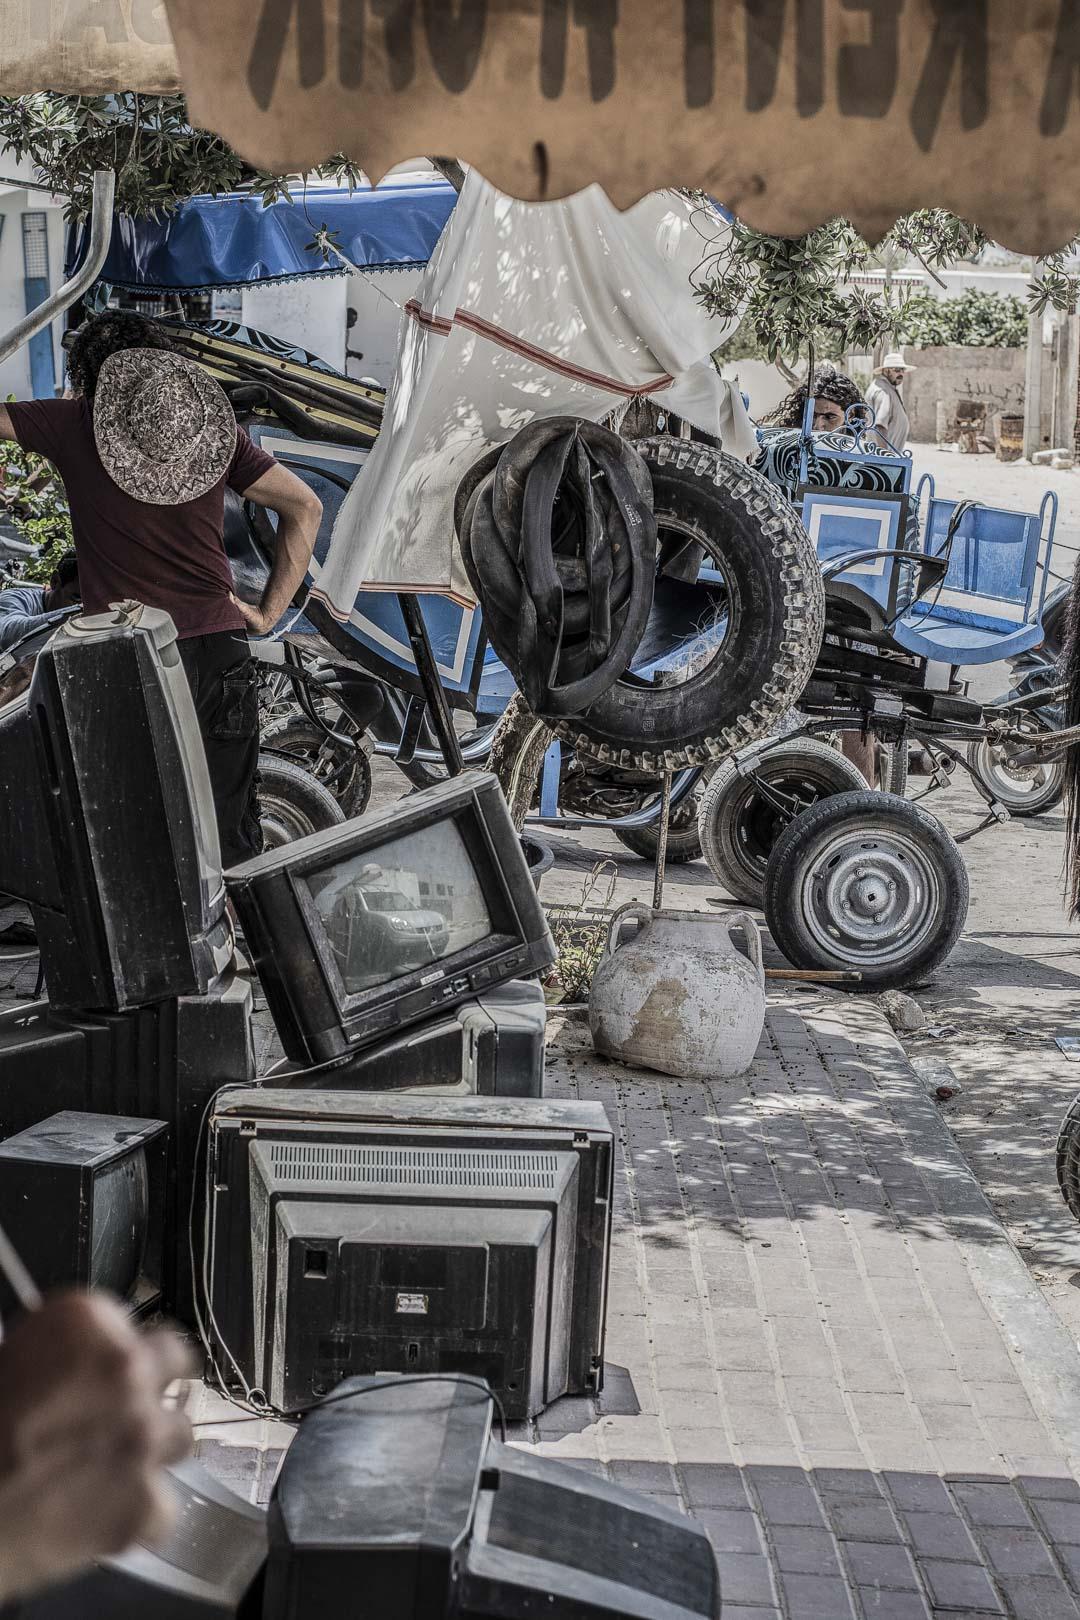 Fotografická expedice Djerba 2017 reportážní fotograf praha Jakub Morávek Djerba photography -129